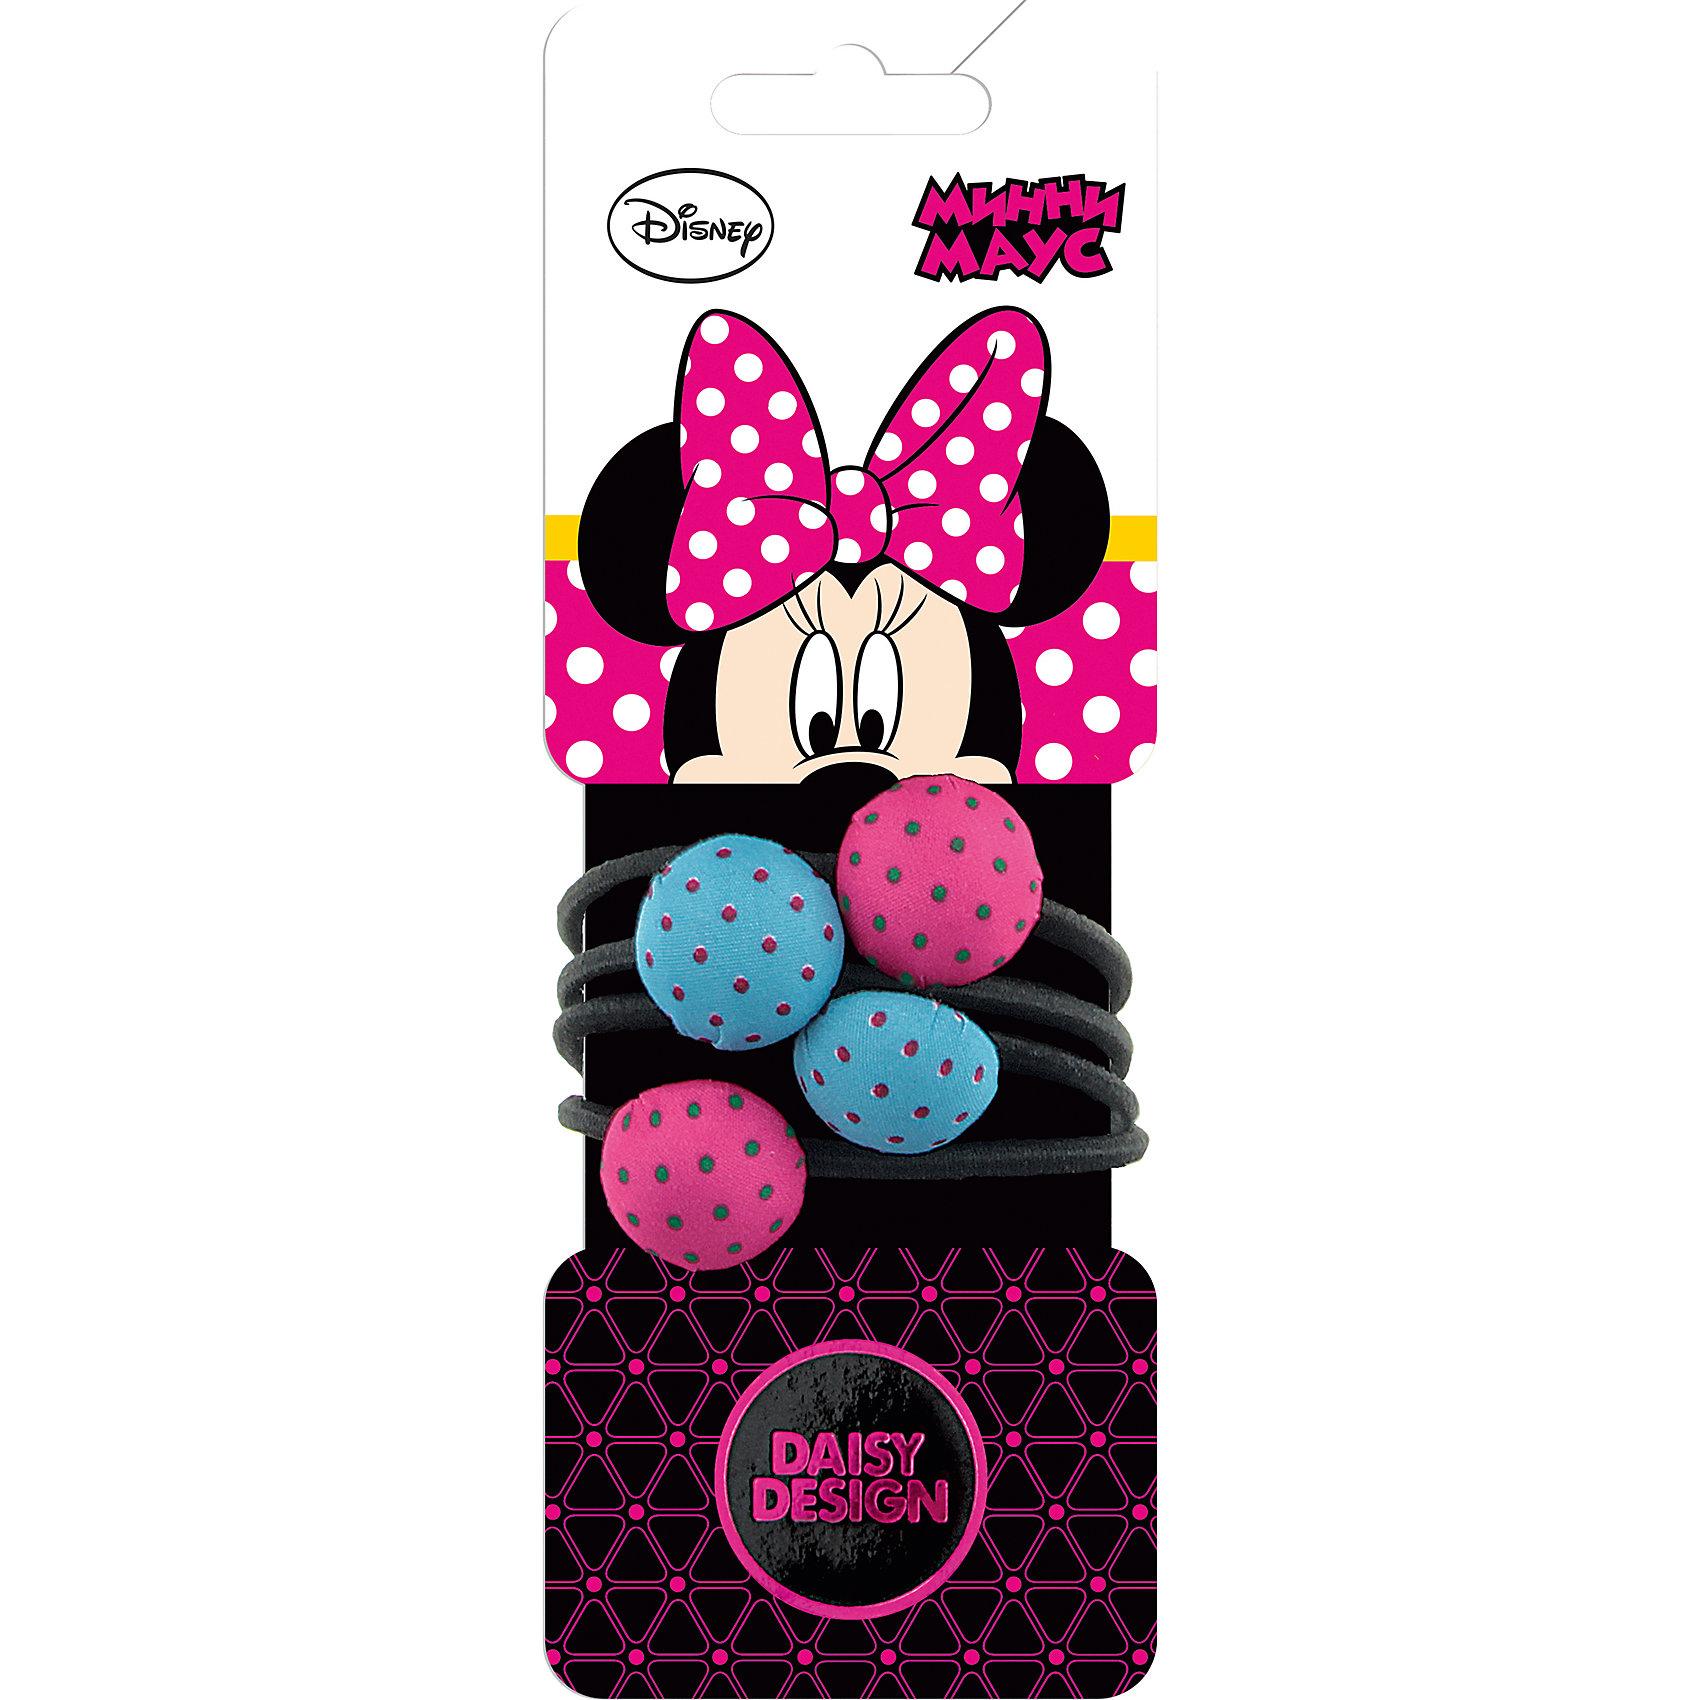 Daisy Design Набор резинок для волос, 4 шт. Минни Маус гардина wisan 9552